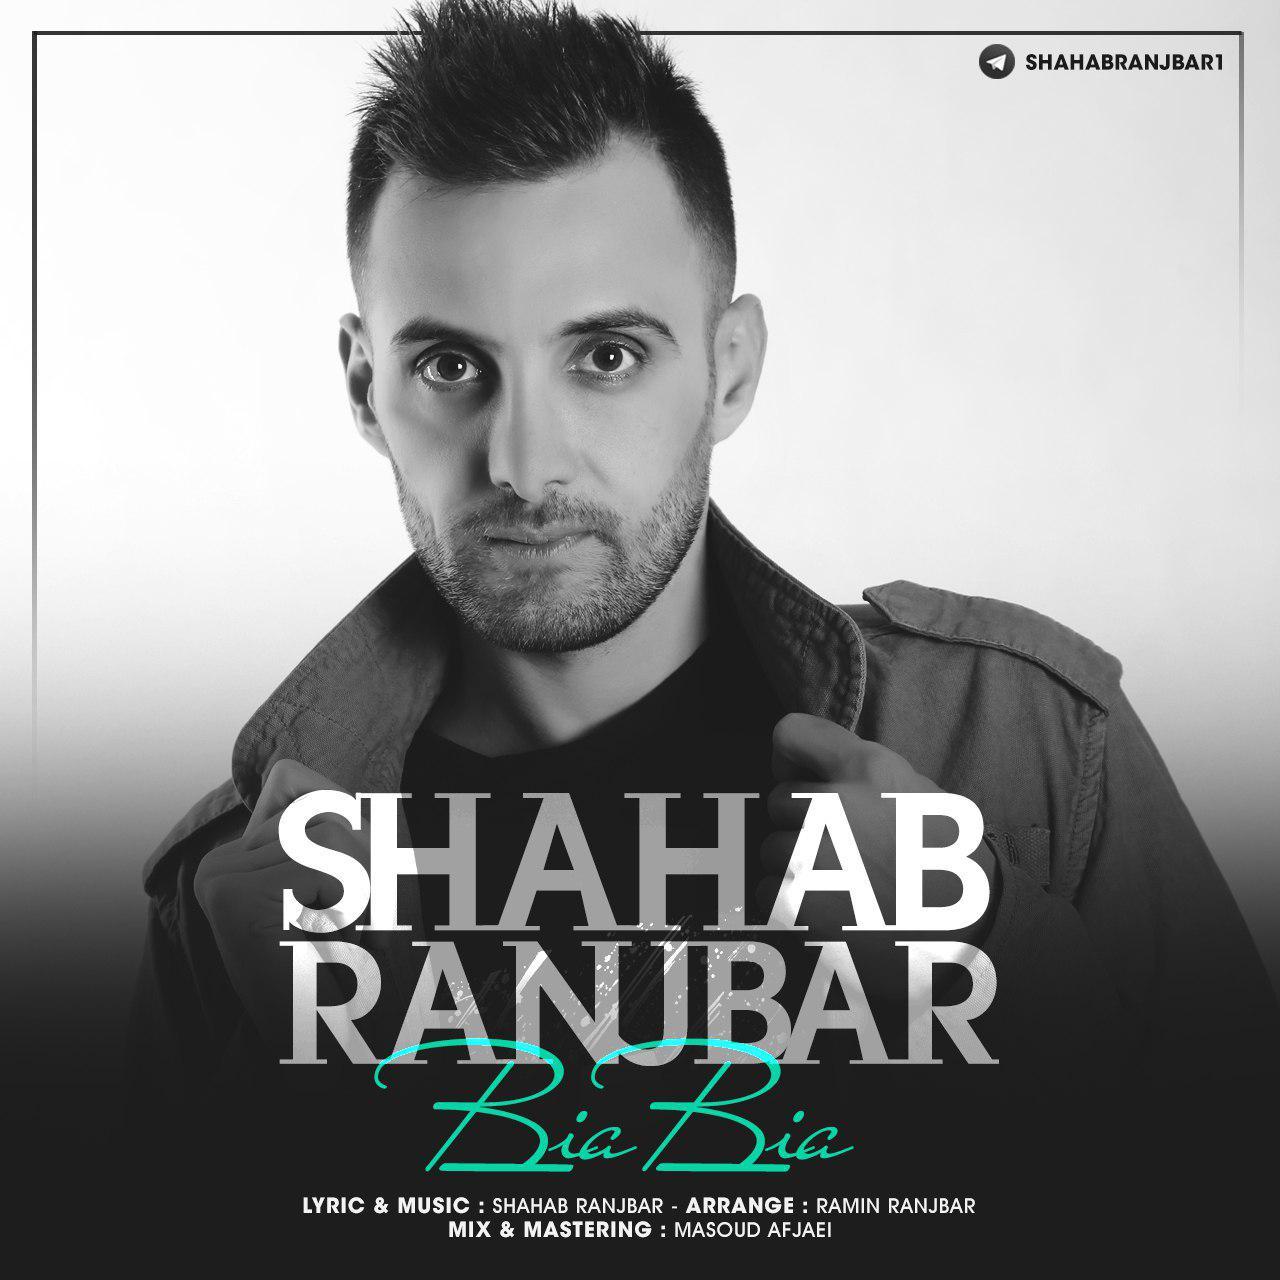 Shahab Ranjbar – Bia Bia